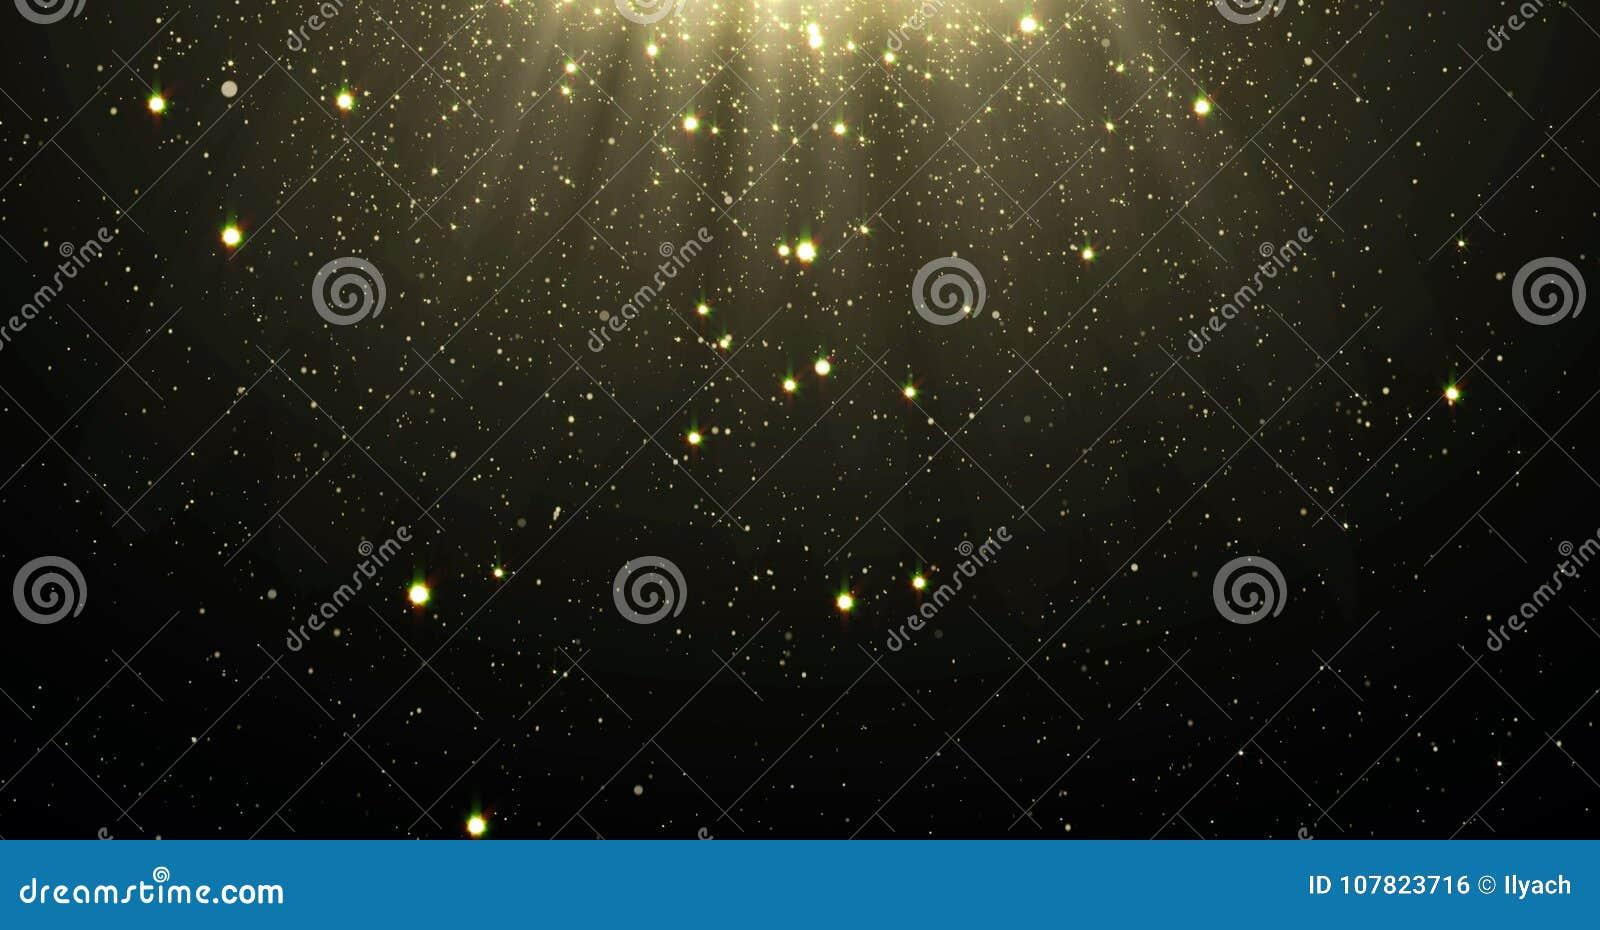 Het abstracte goud schittert deeltjesachtergrond met glanzende sterren die neer en licht gloed of glansbekledingseffect hierboven